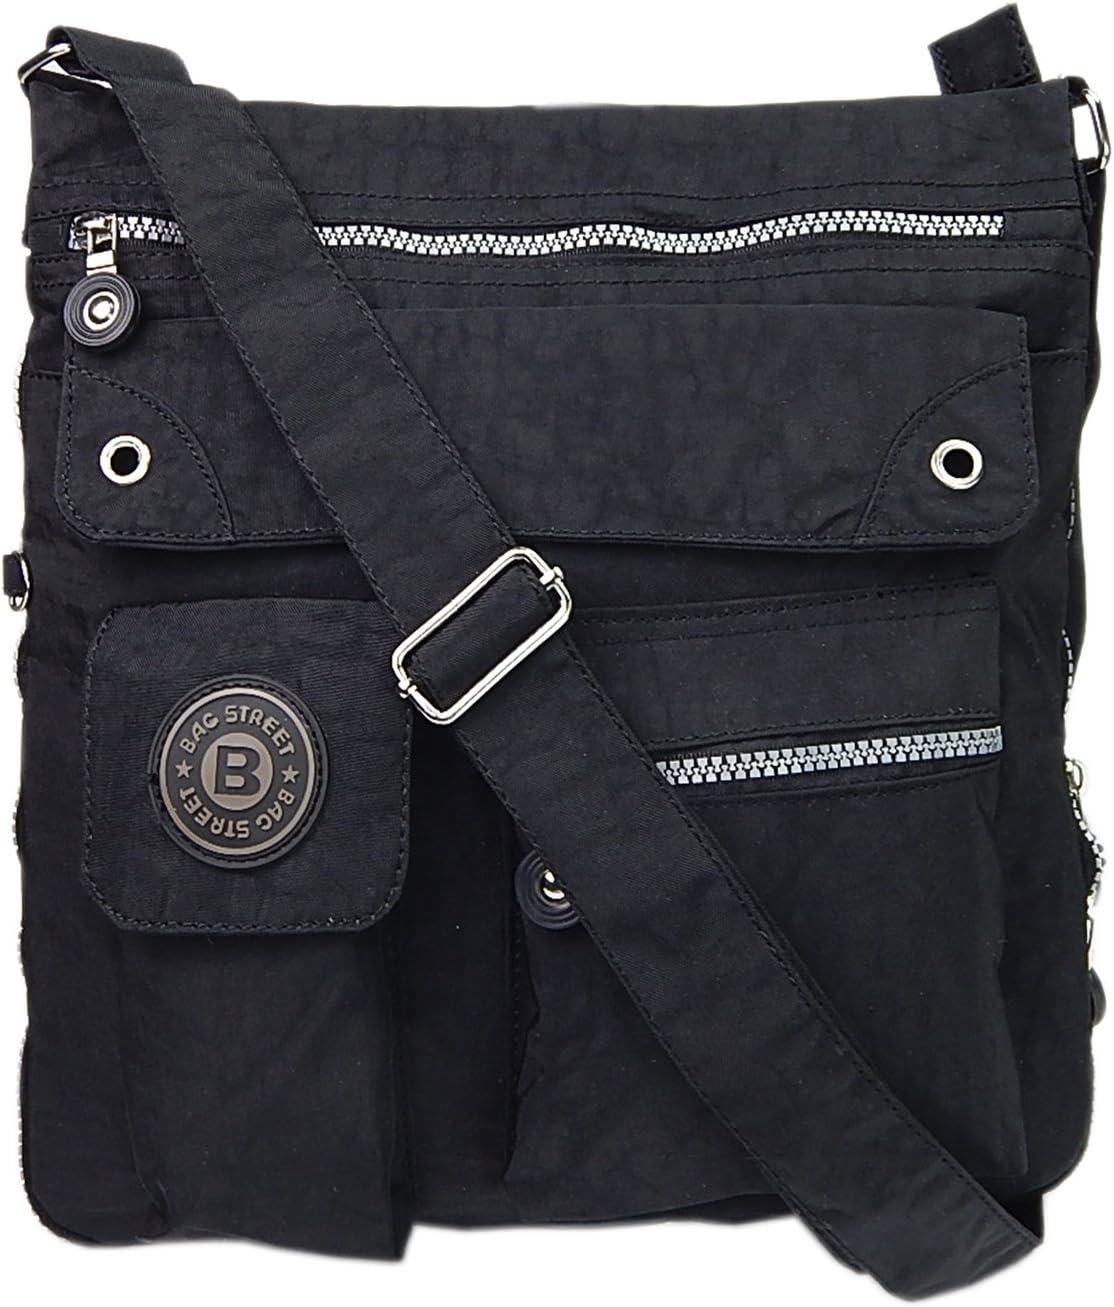 Bag Street - Bolso cruzados para mujer negro negro B 30cm x H 33cm x T 9 bis 15cm